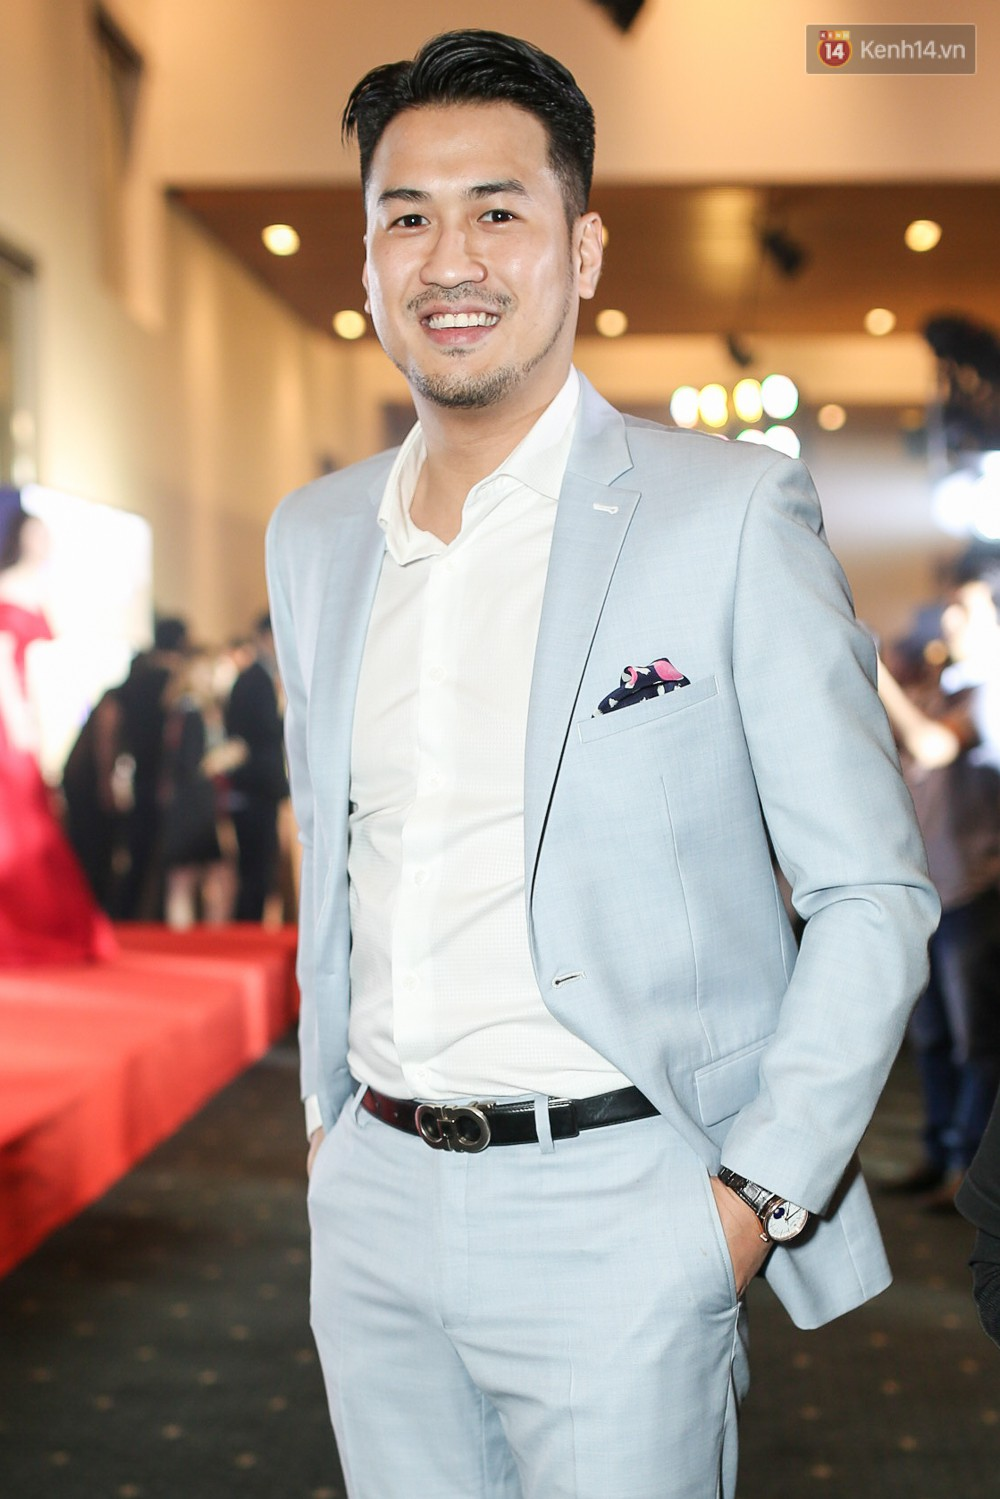 Quỳnh Anh Shyn lên đồ ấn tượng chẳng kém gì Phạm Hương, Minh Hằng trên thảm đỏ Elle Fashion Show - Ảnh 32.